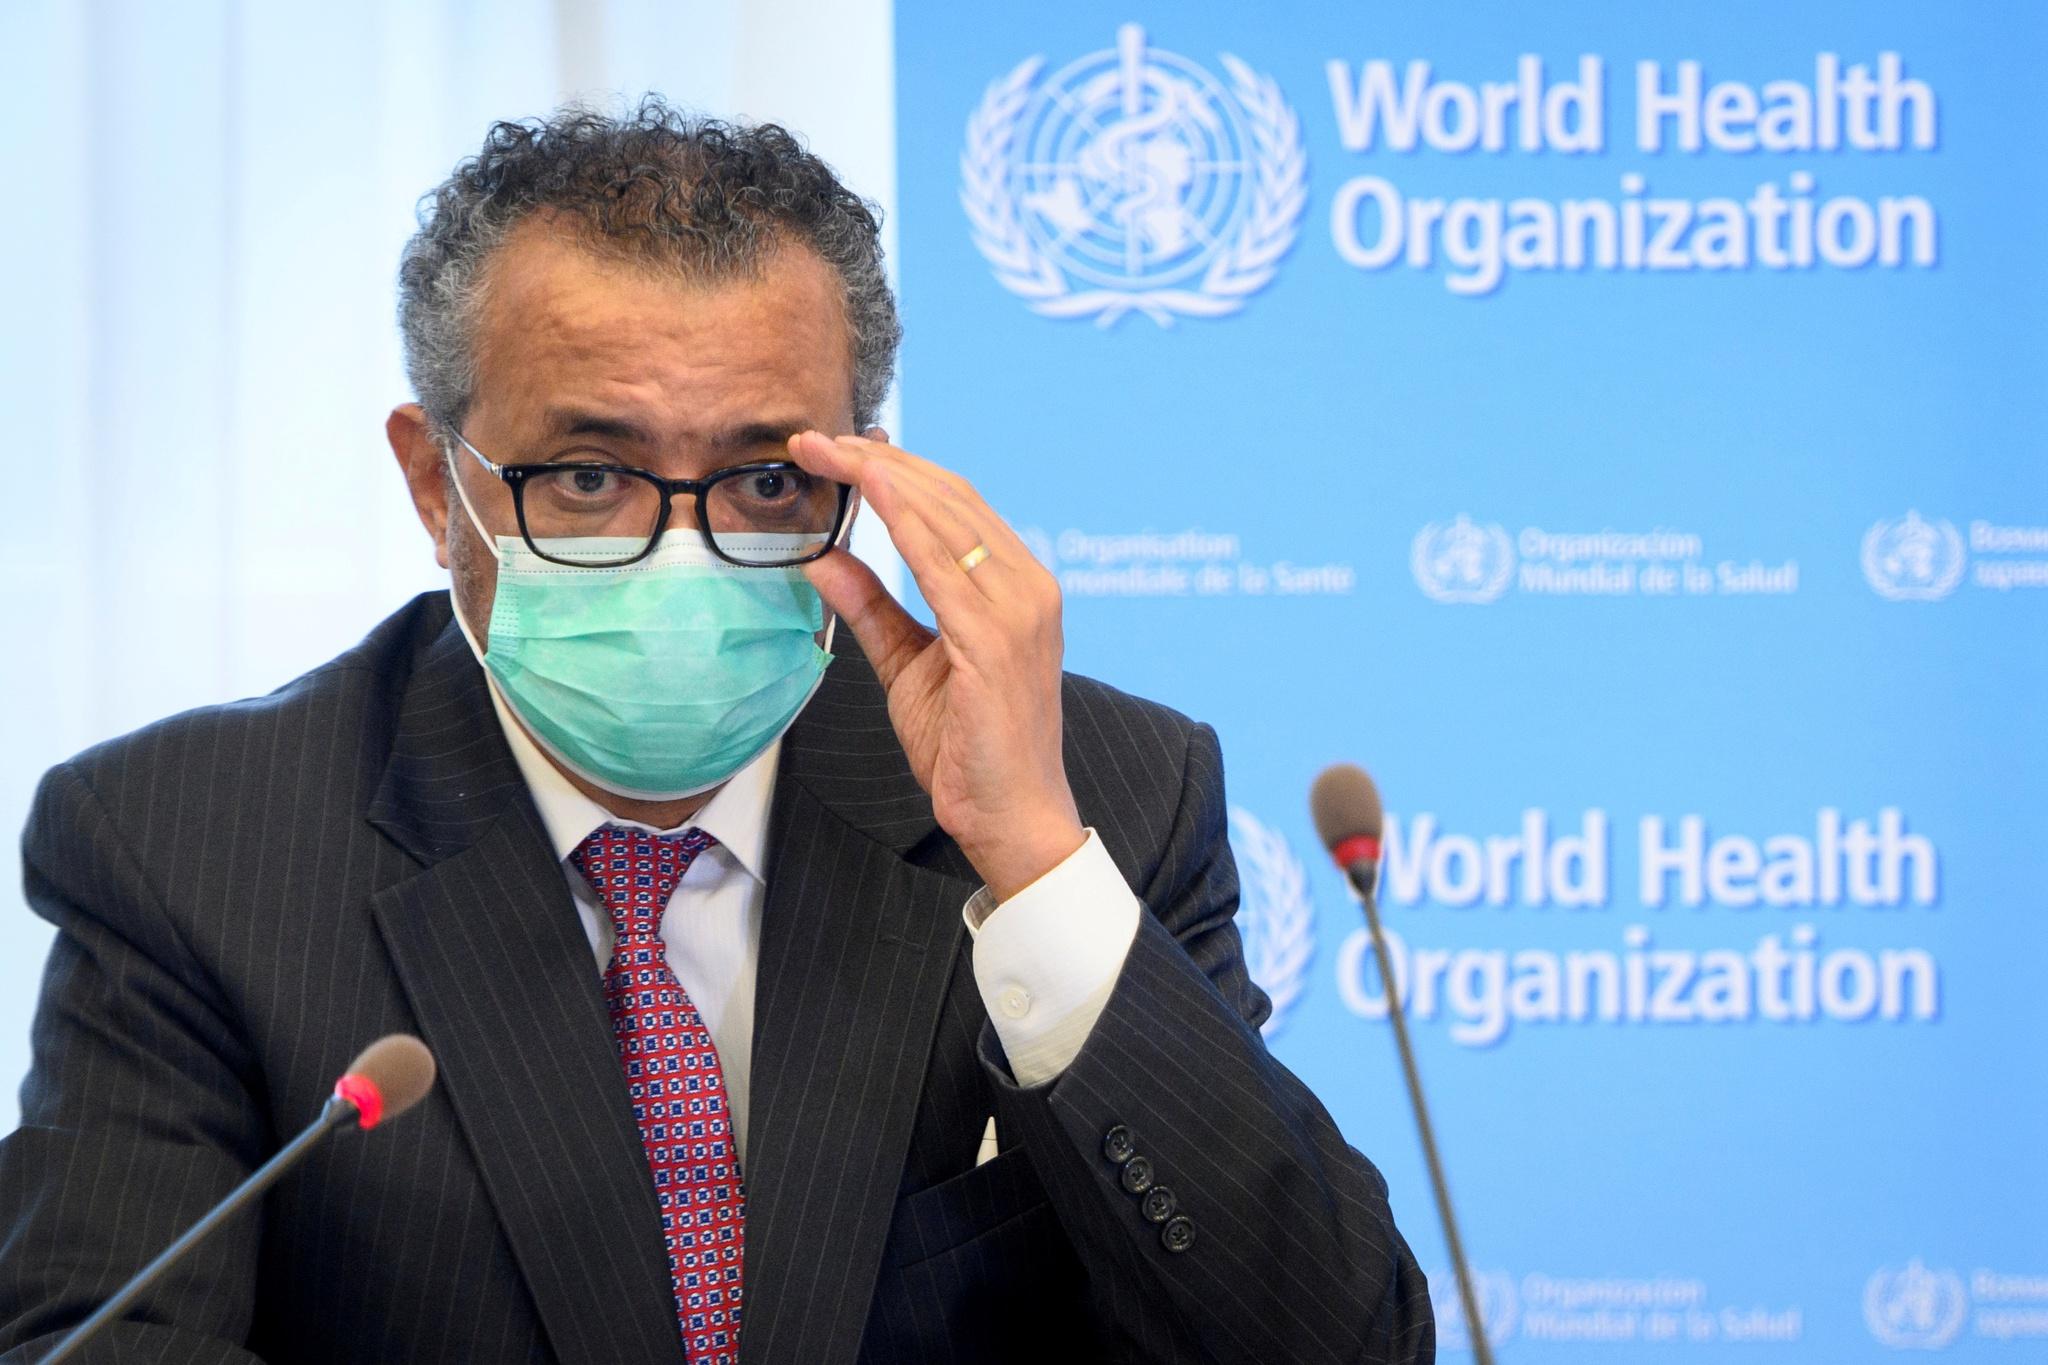 Tổng giám đốc WHO: Chưa thể loại trừ khả năng Covid-19 rò rỉ từ phòng thí nghiệm